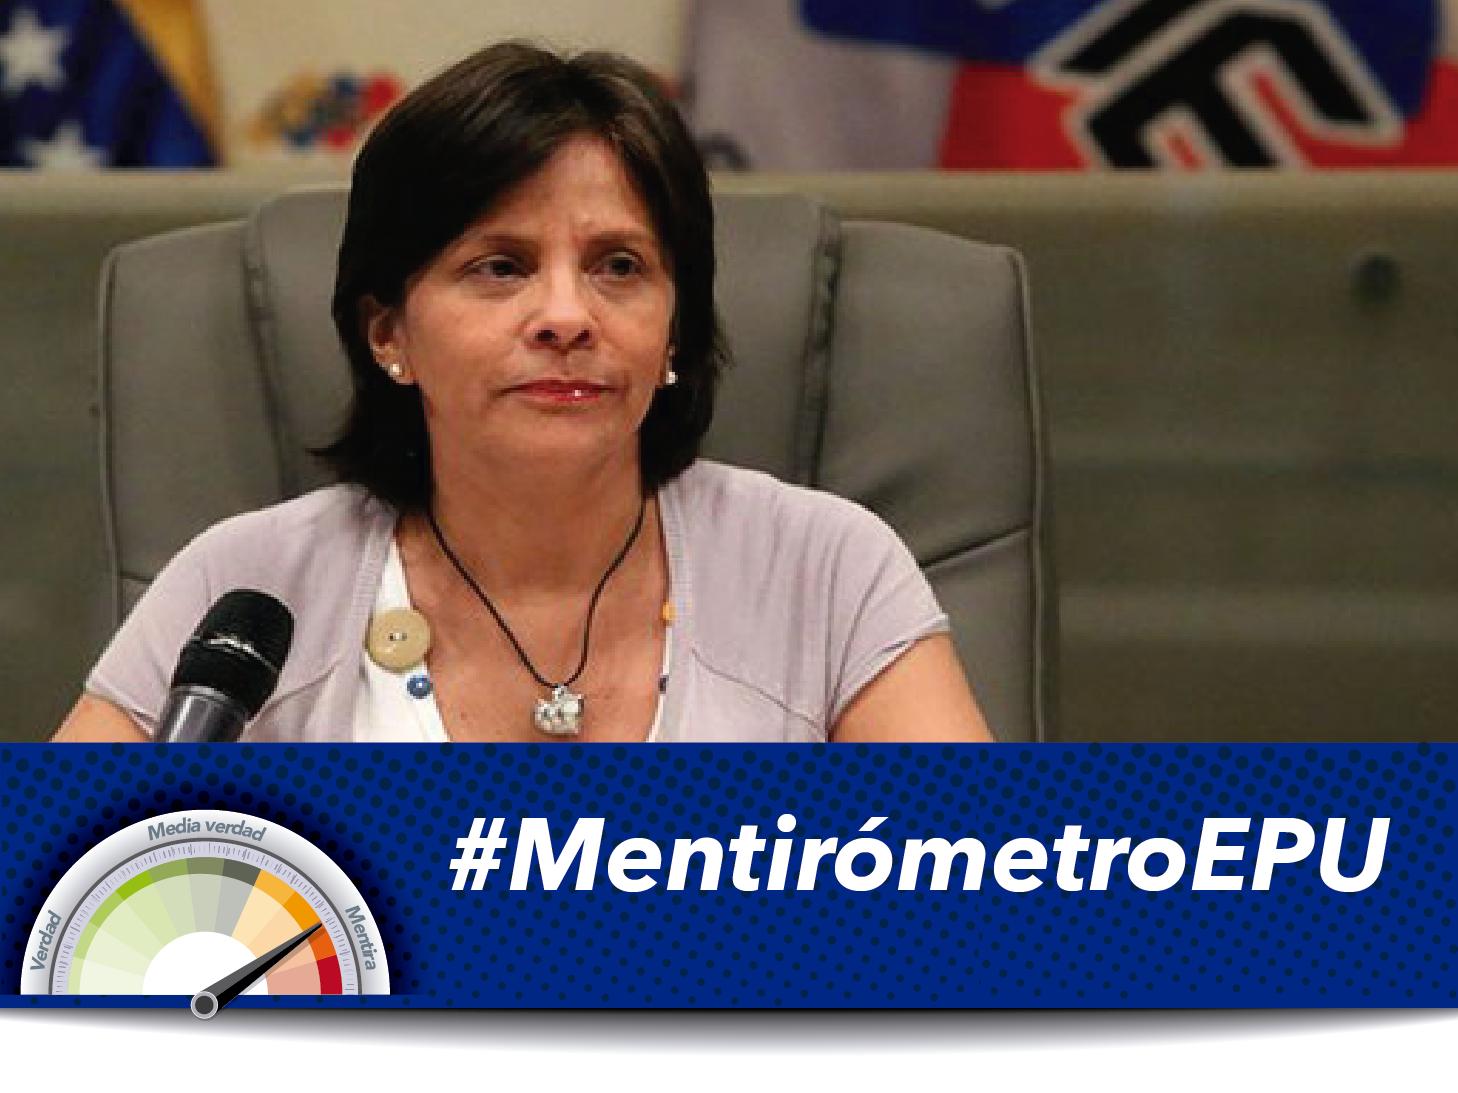 #Mentirómetro La rectora Sandra Oblitas también echó sus cuentos en el EPU 2016